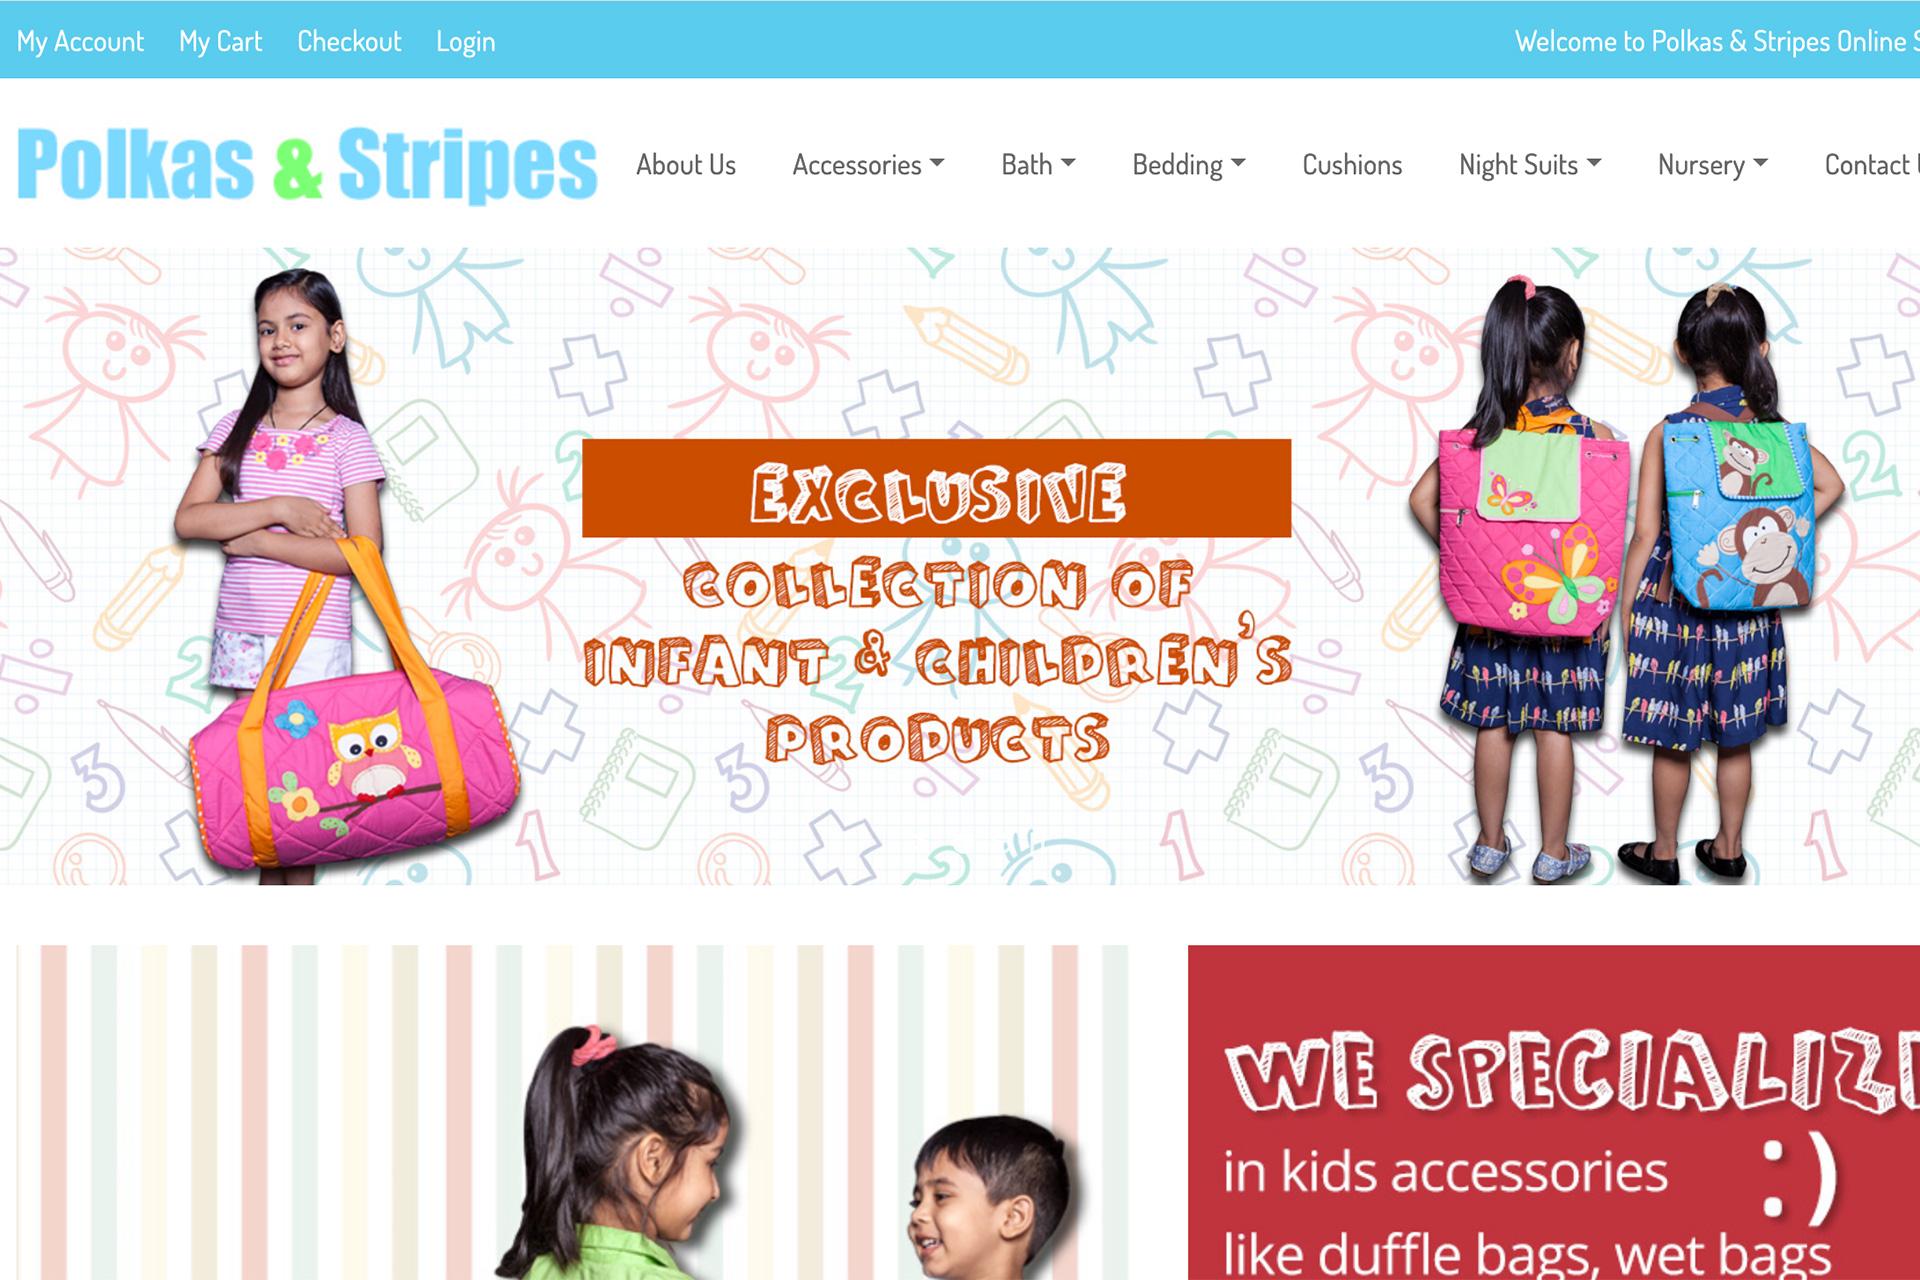 website-polkas-stripes